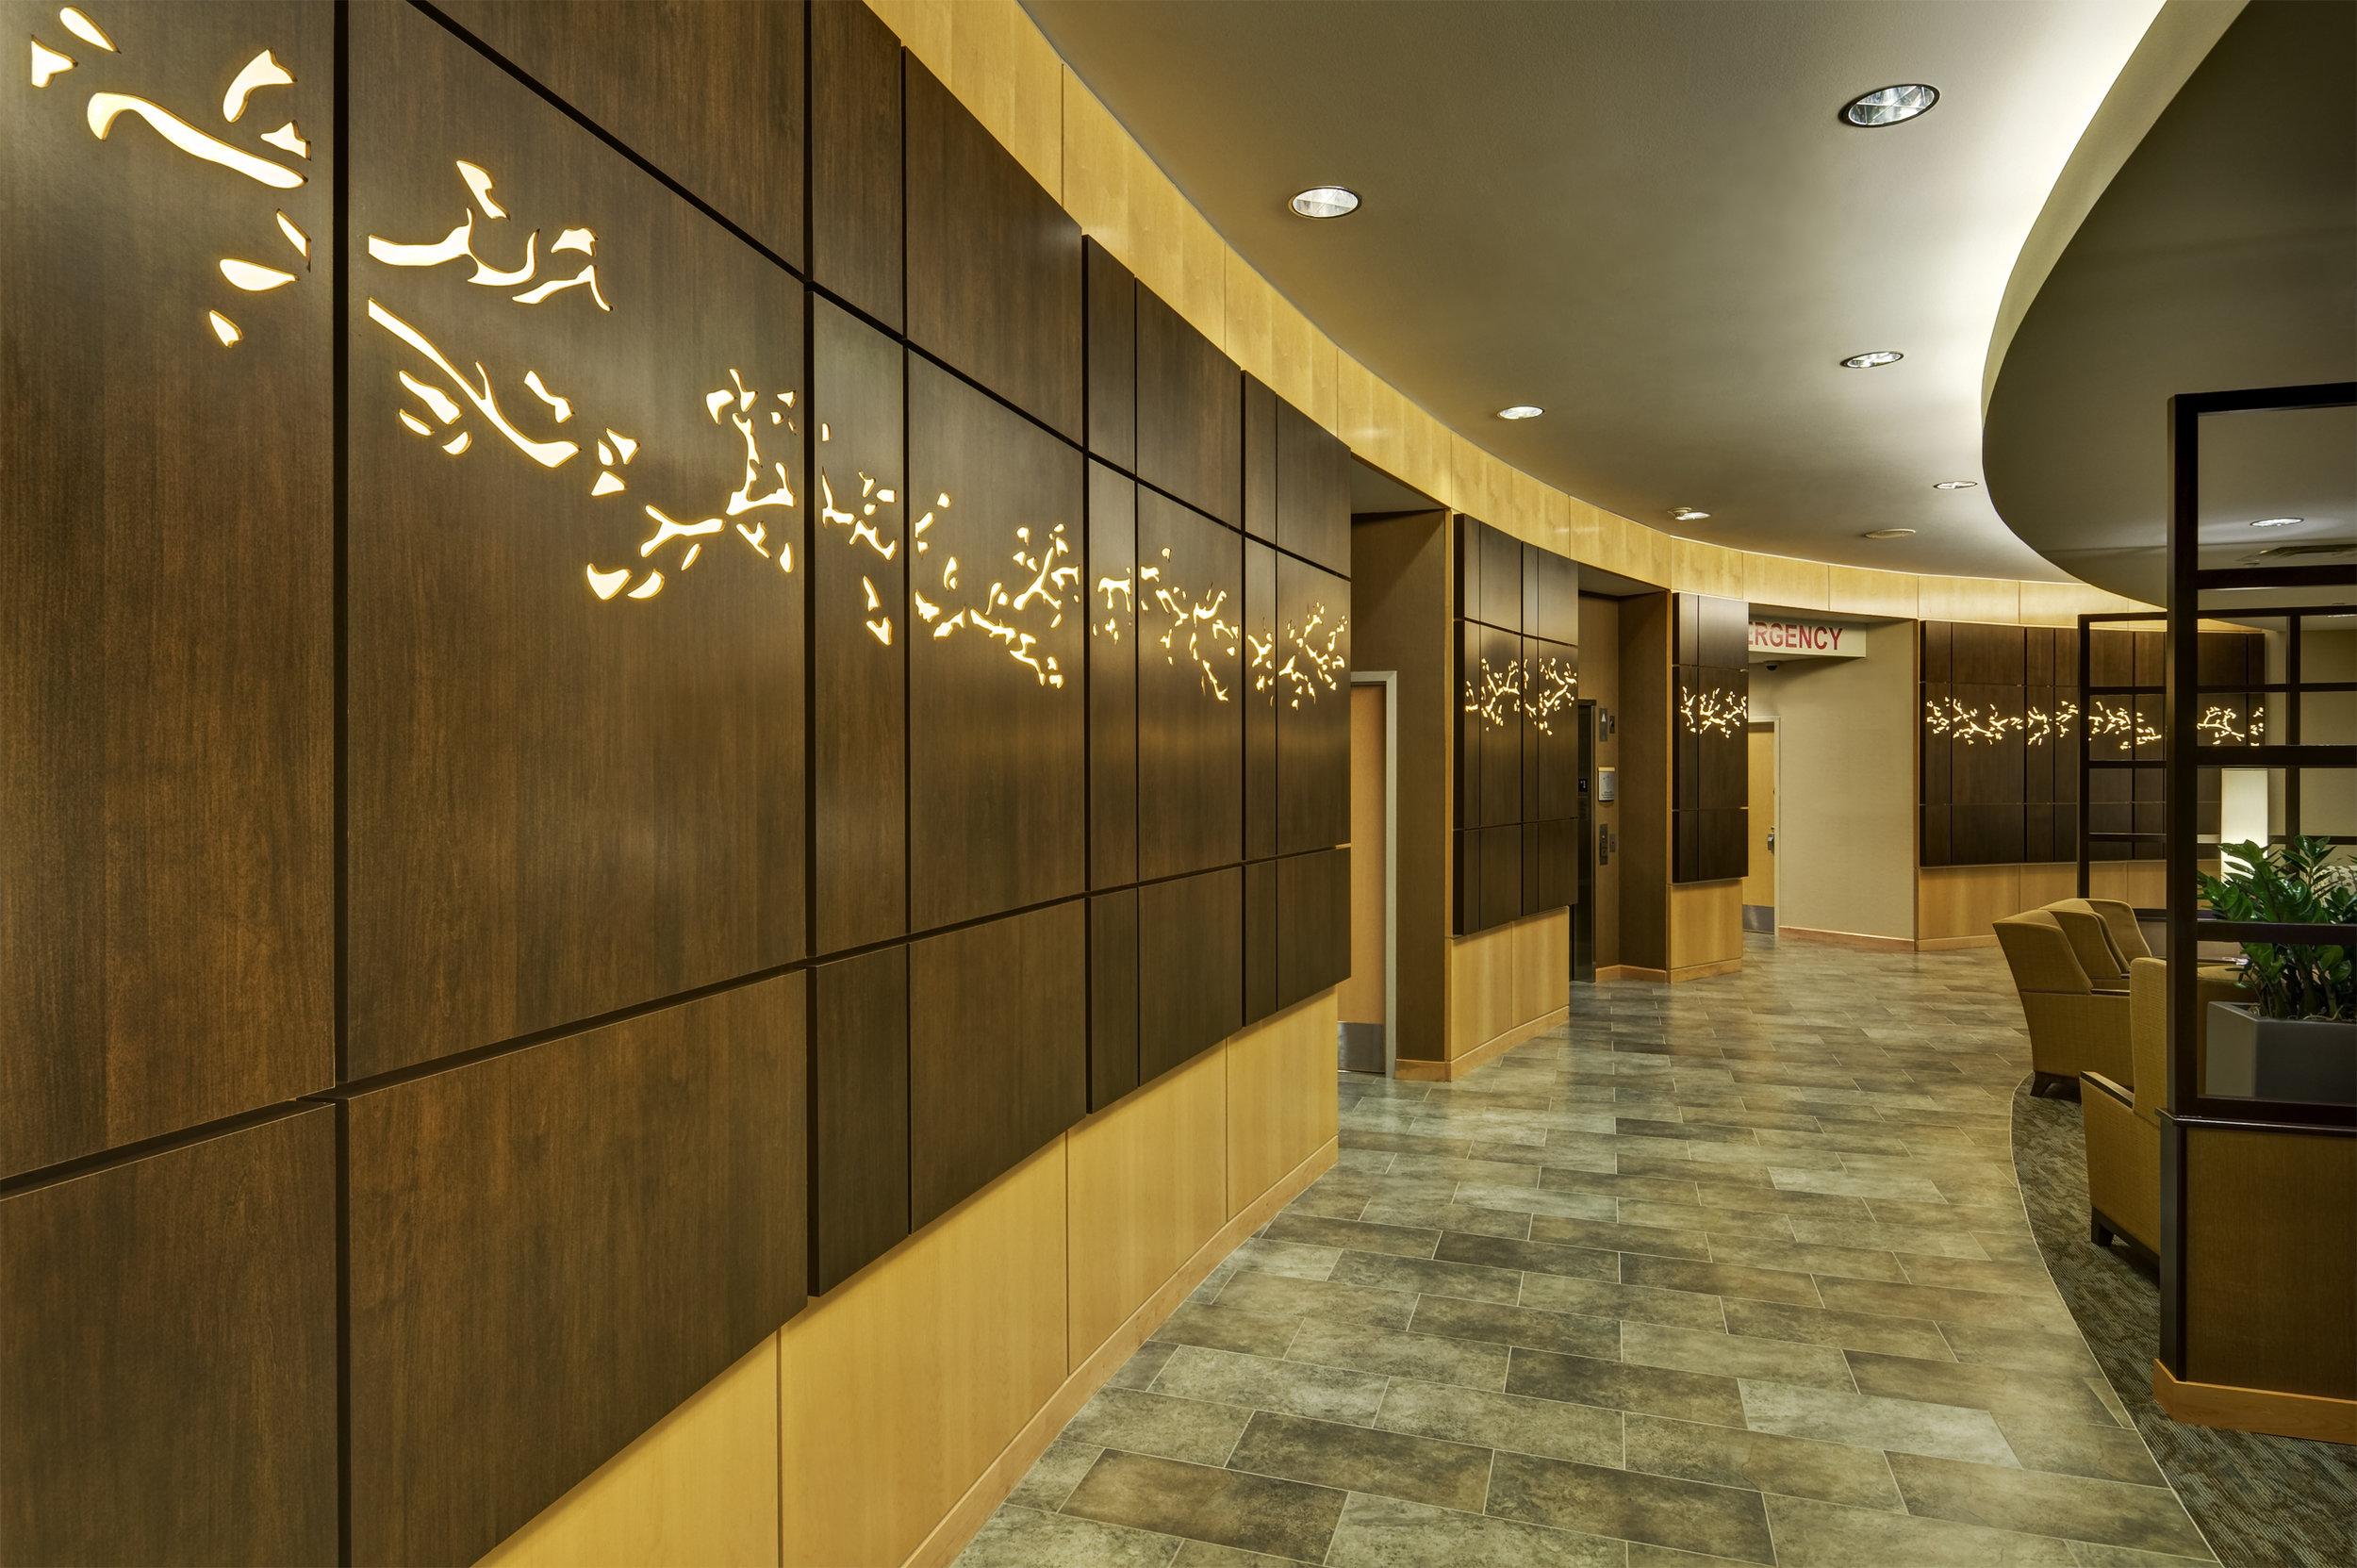 Baylor Medical Center,Trophy Club, TX  - Steven Vaughan Photography  Custom design, backlit wall panels